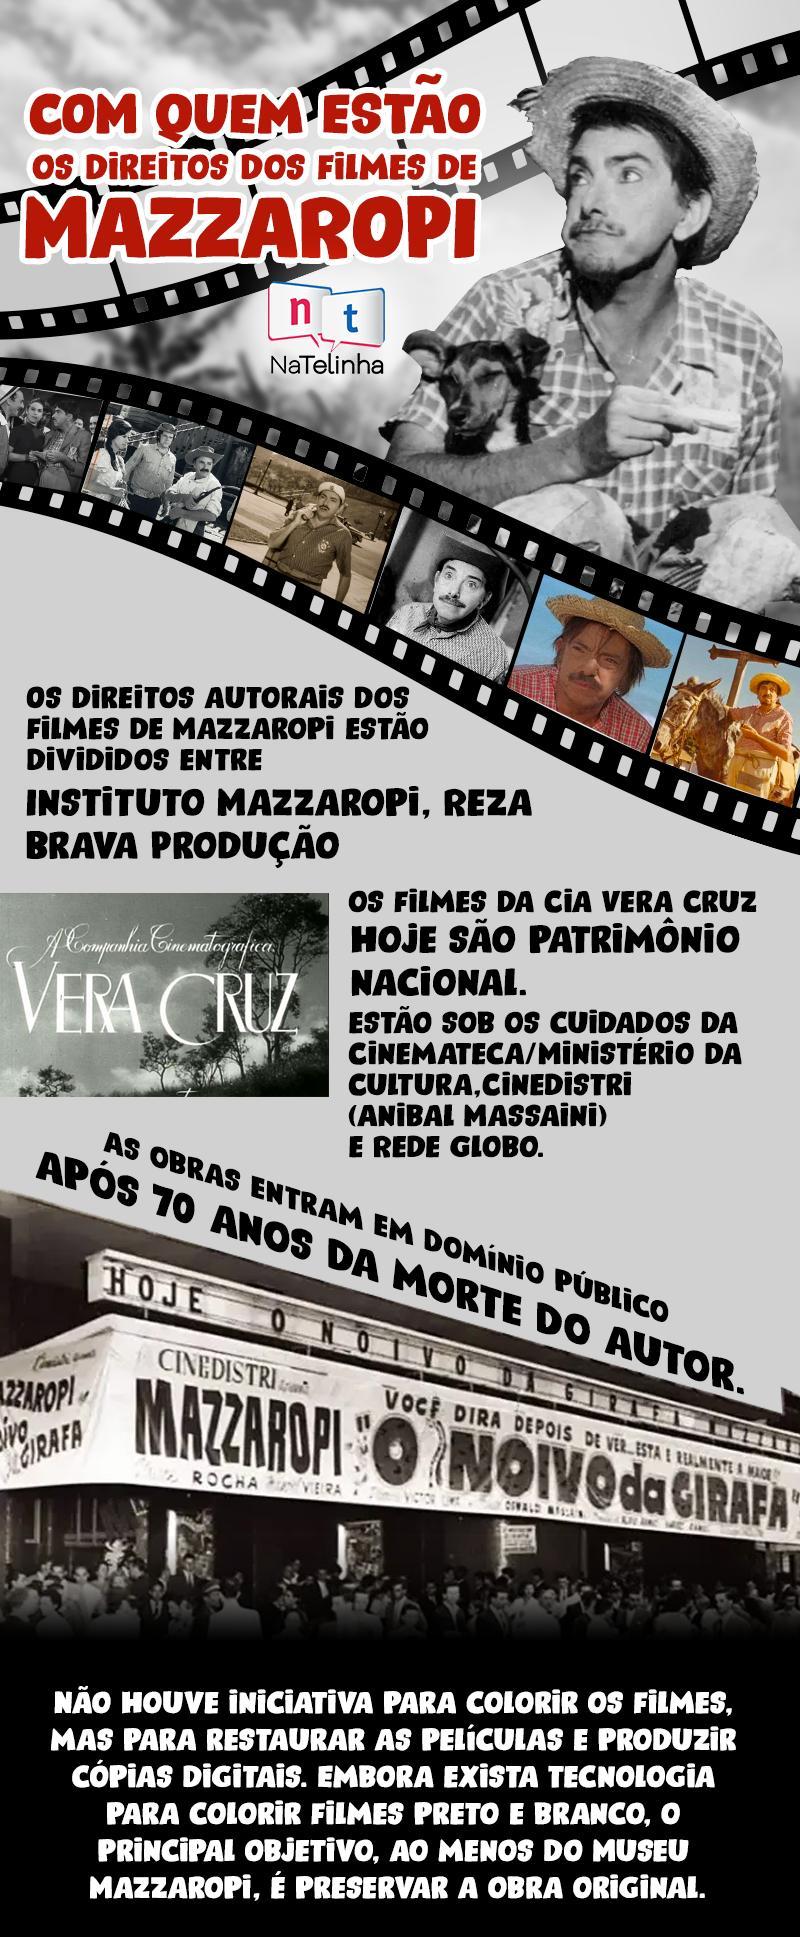 Mazzaropi negou 5 milhões de dólares da Globo por amor a Hebe Camargo